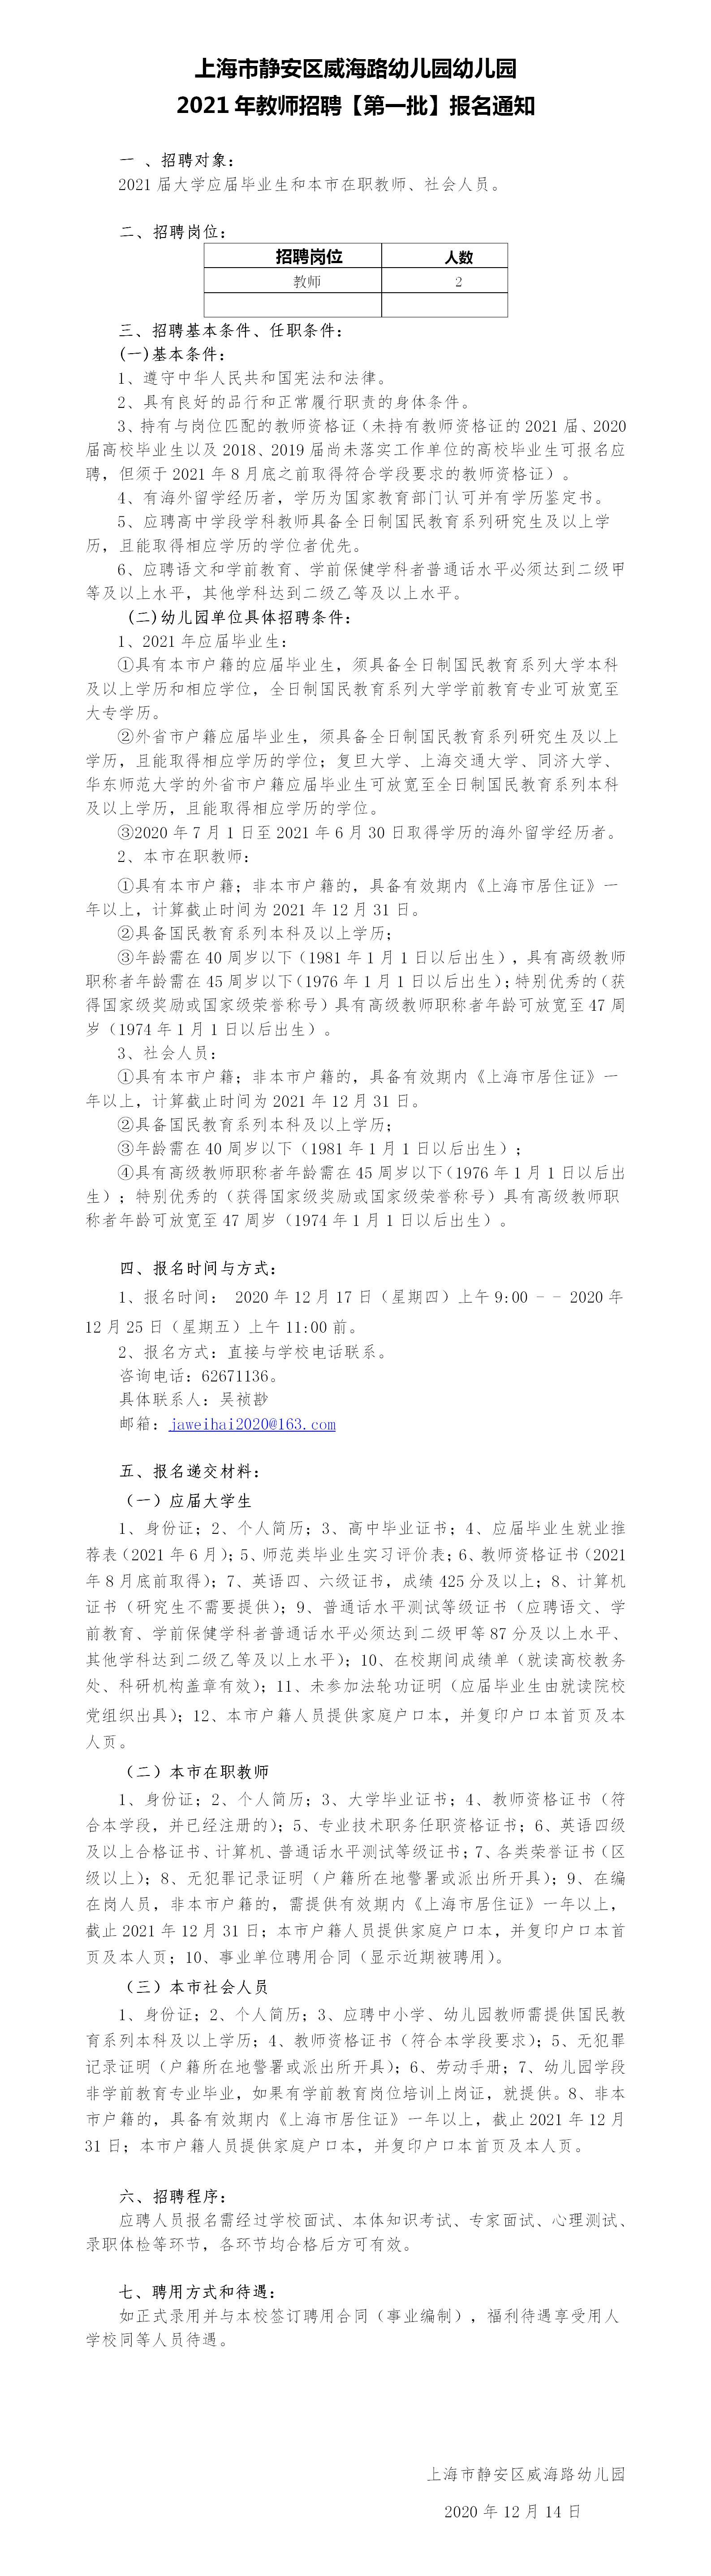 2021年上海市靜安區威海路幼兒園幼兒園教師招聘公告